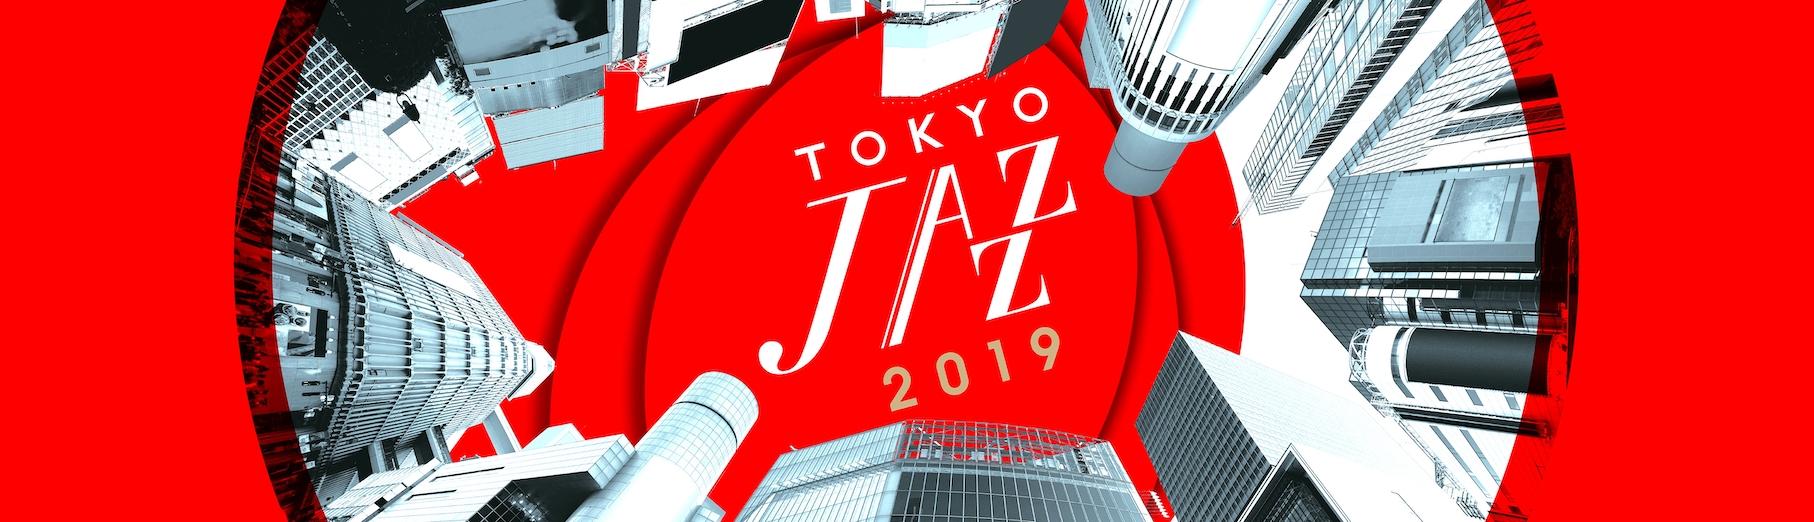 日本最大級のジャズフェス<第18回 東京JAZZ>第1弾ラインナップに カマシ・ワシントン、チック・コリア、チャールス・ロイドら